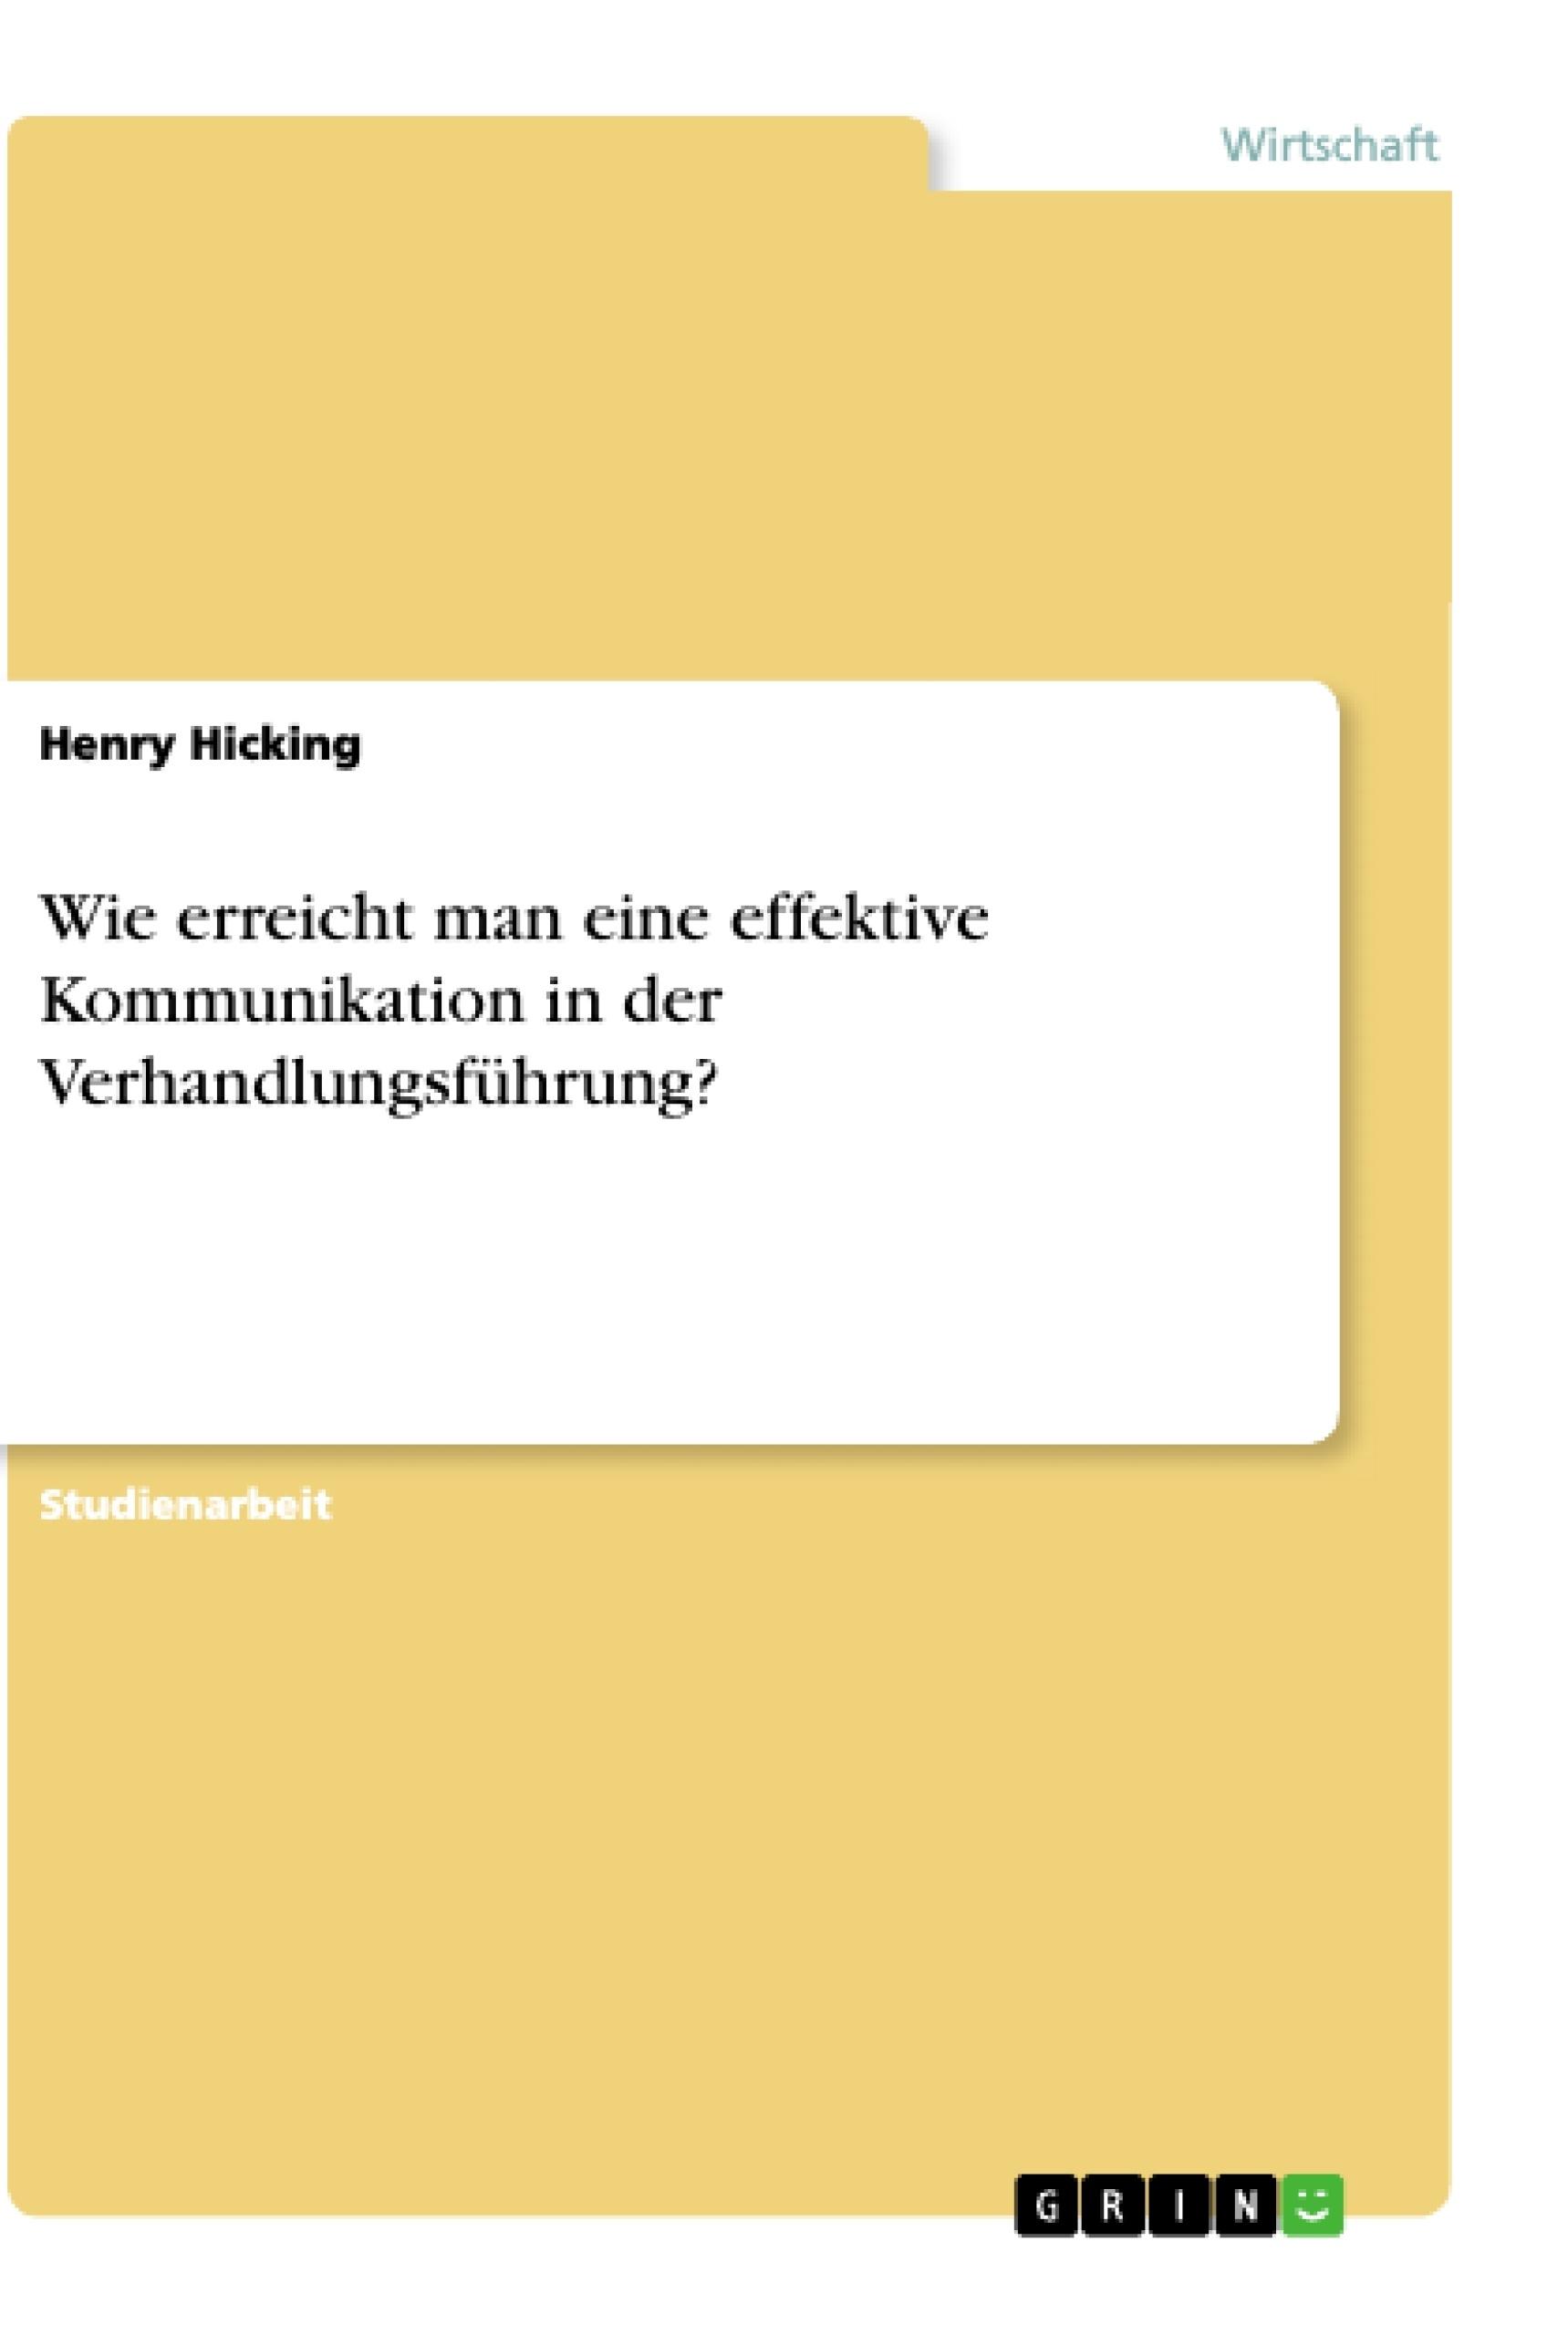 Titel: Wie erreicht man eine effektive Kommunikation in der Verhandlungsführung?